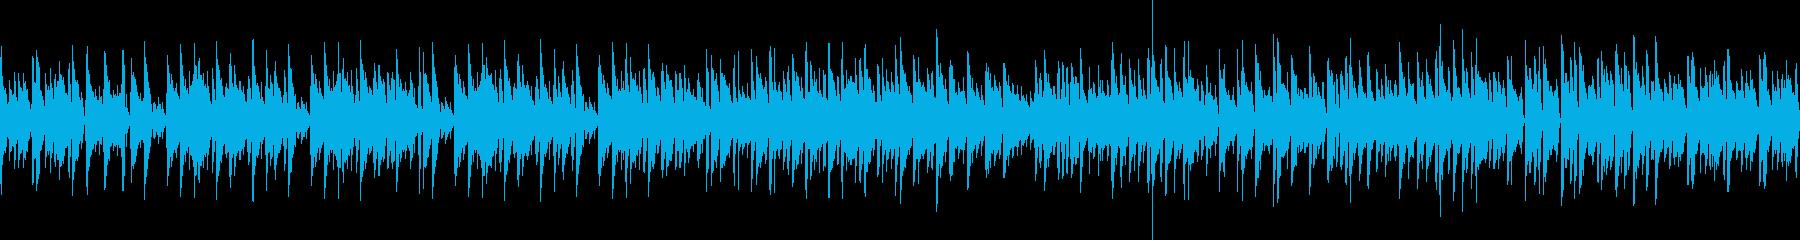 ほのぼのしたアコースティックなボサノバ曲の再生済みの波形